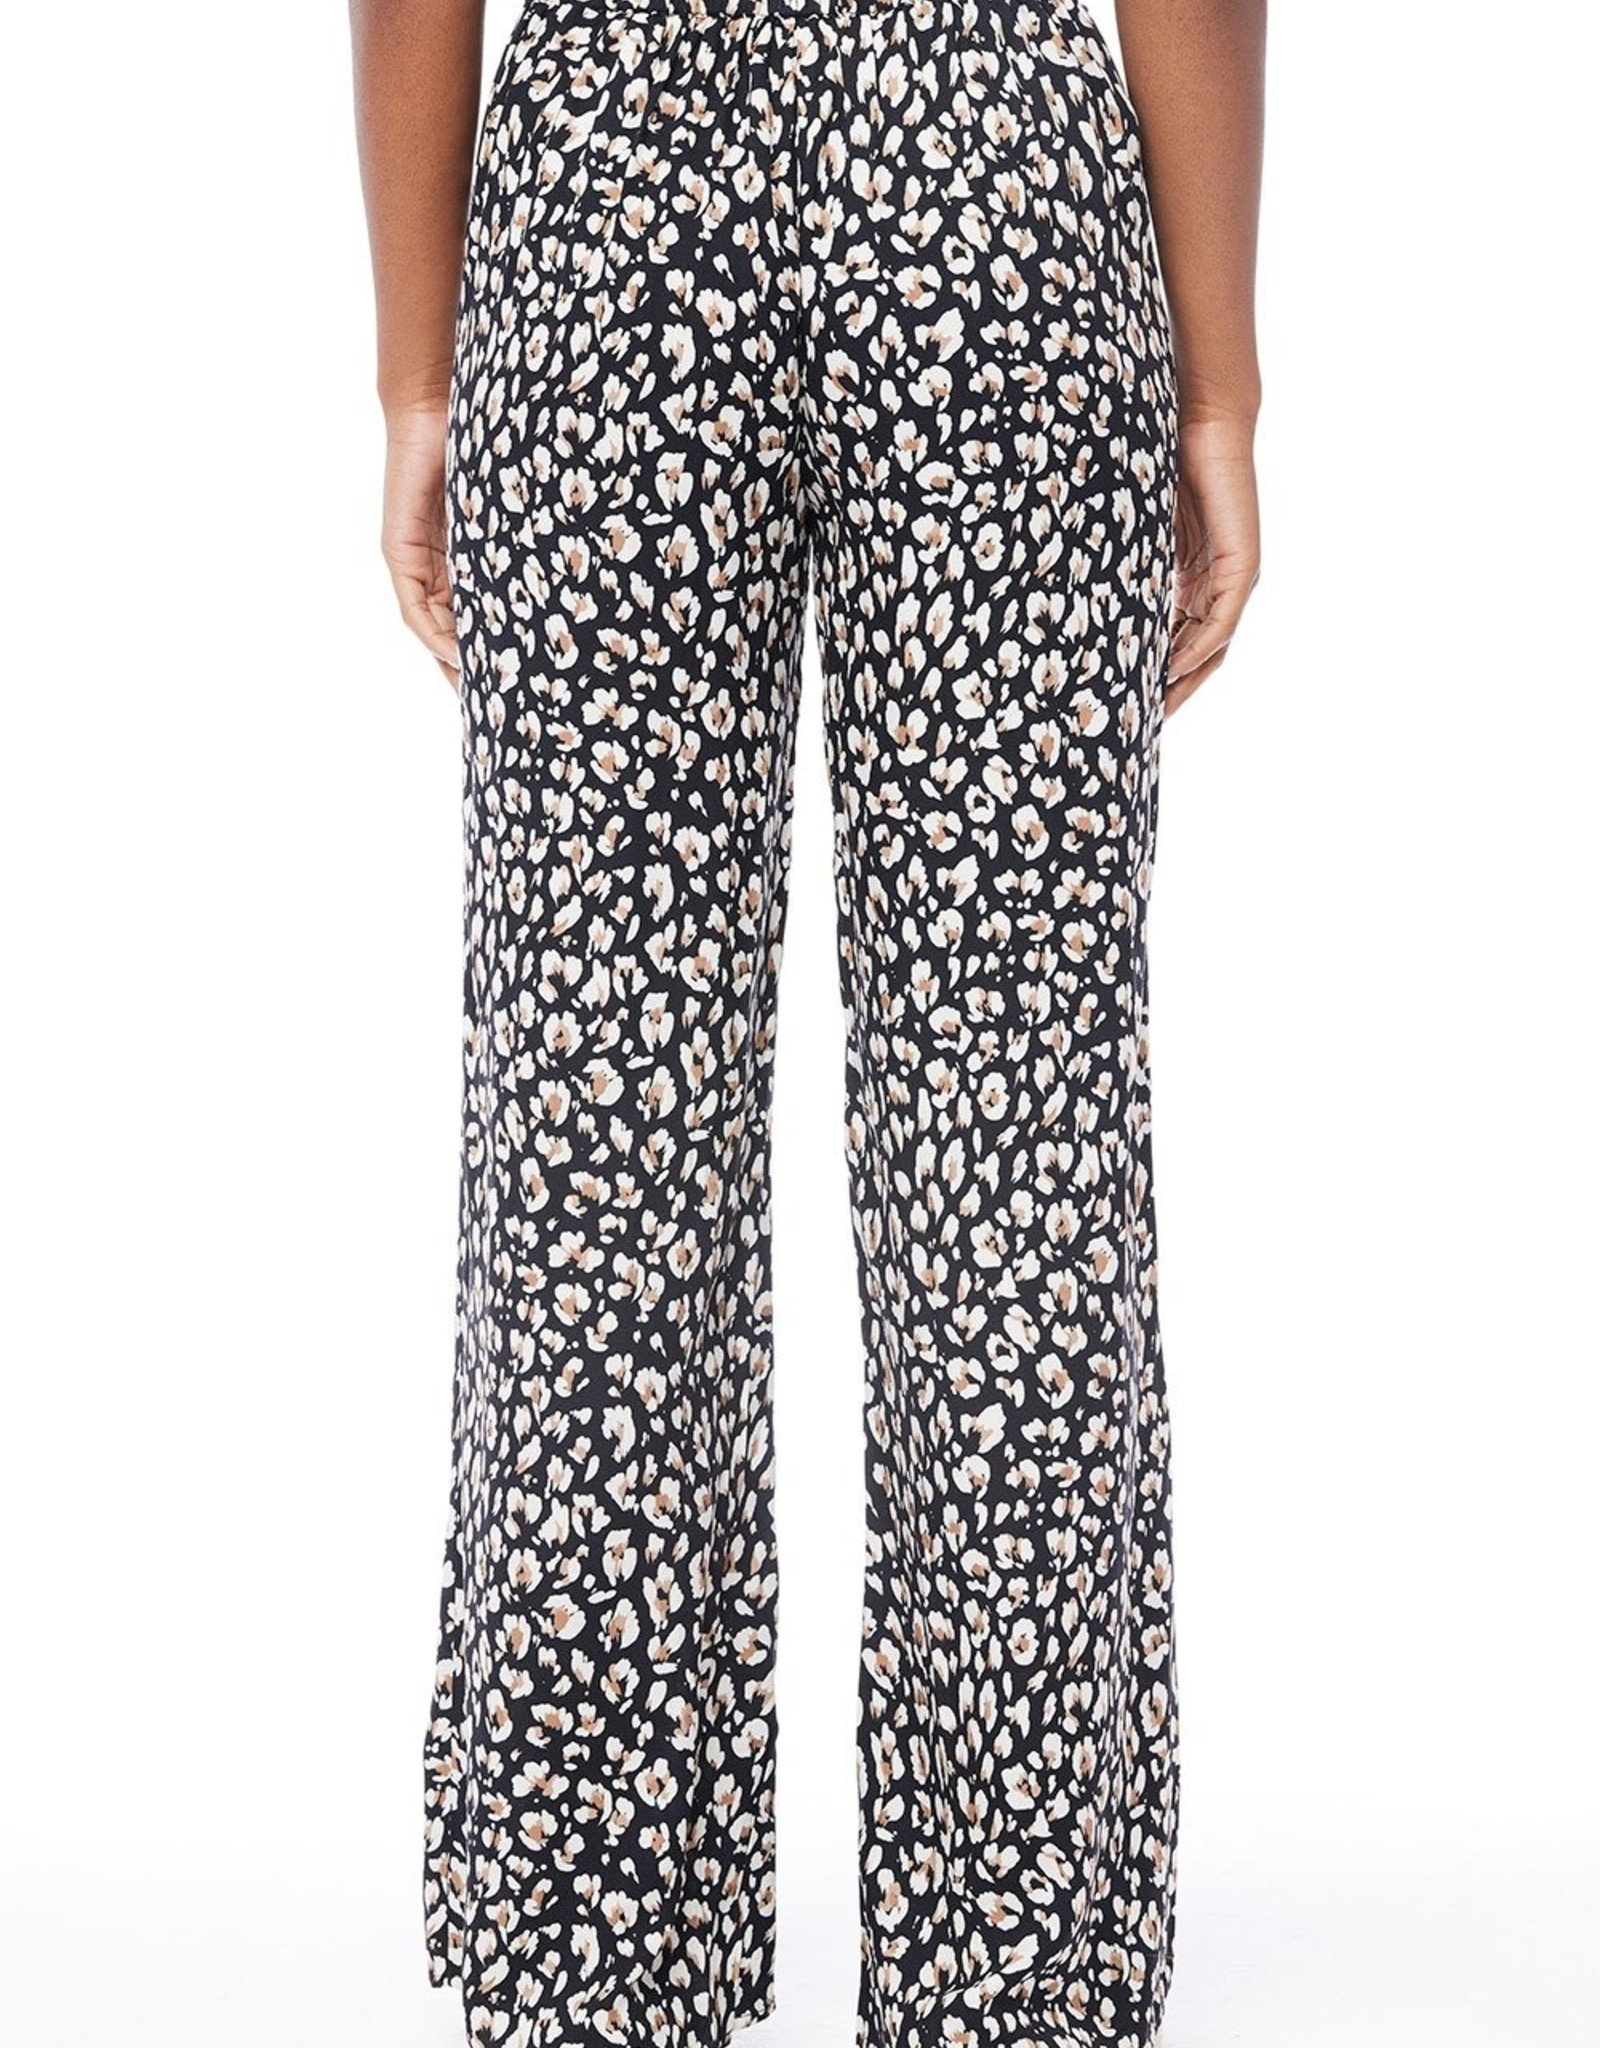 Saltwater Luxe Johanna Flowy Wide Leg Leopard Pant